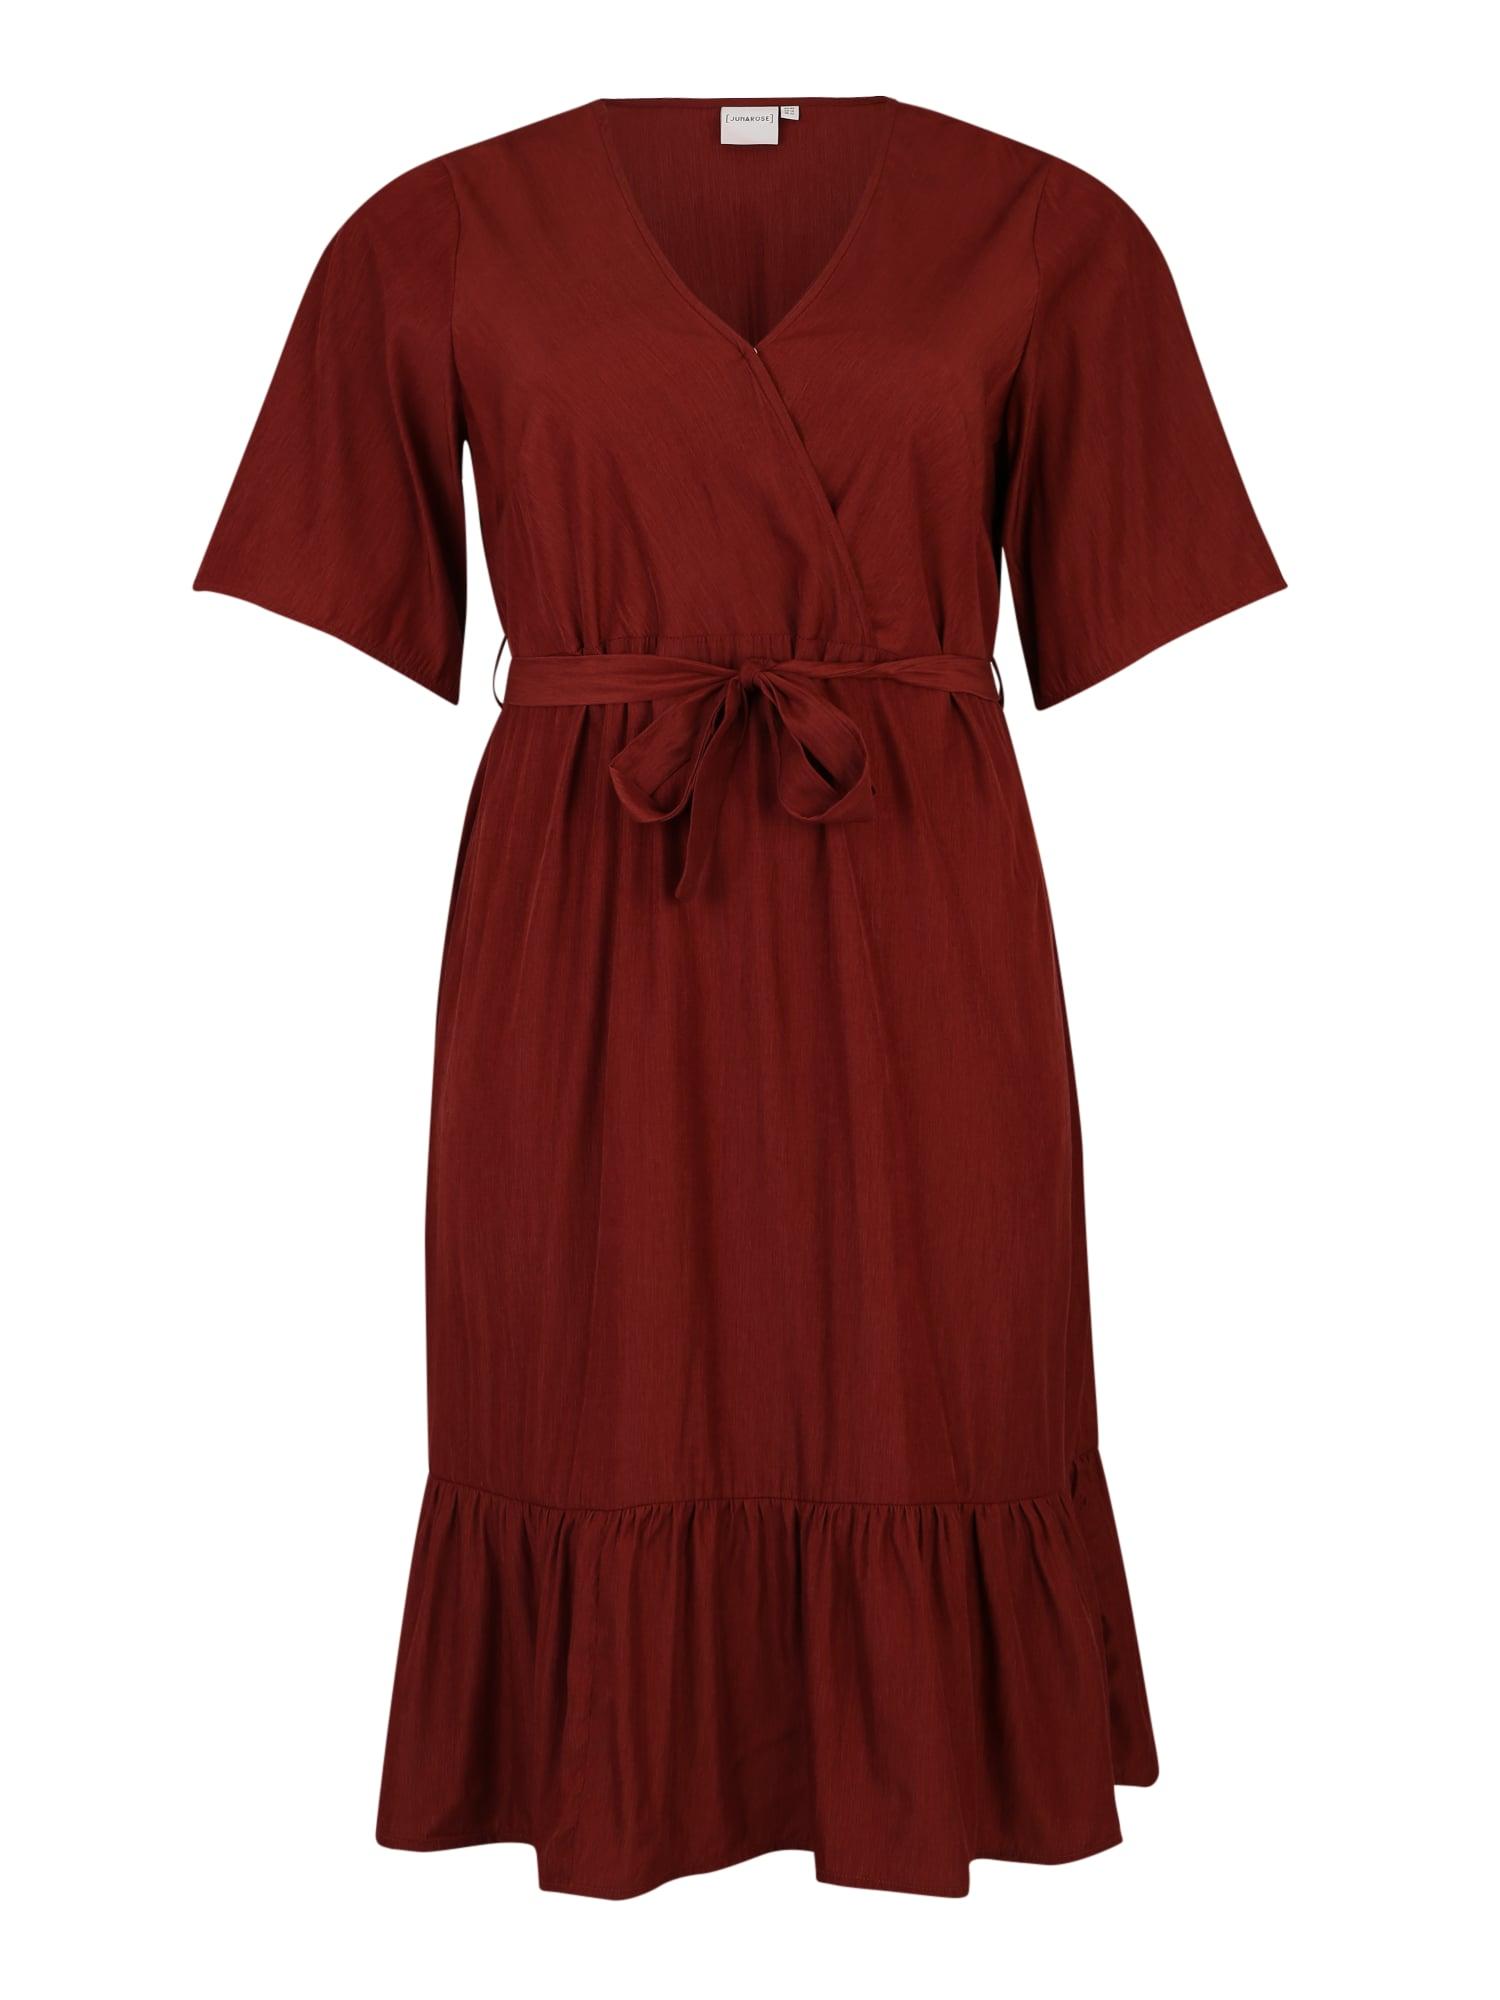 Letní šaty Palisa rubínově červená Junarose